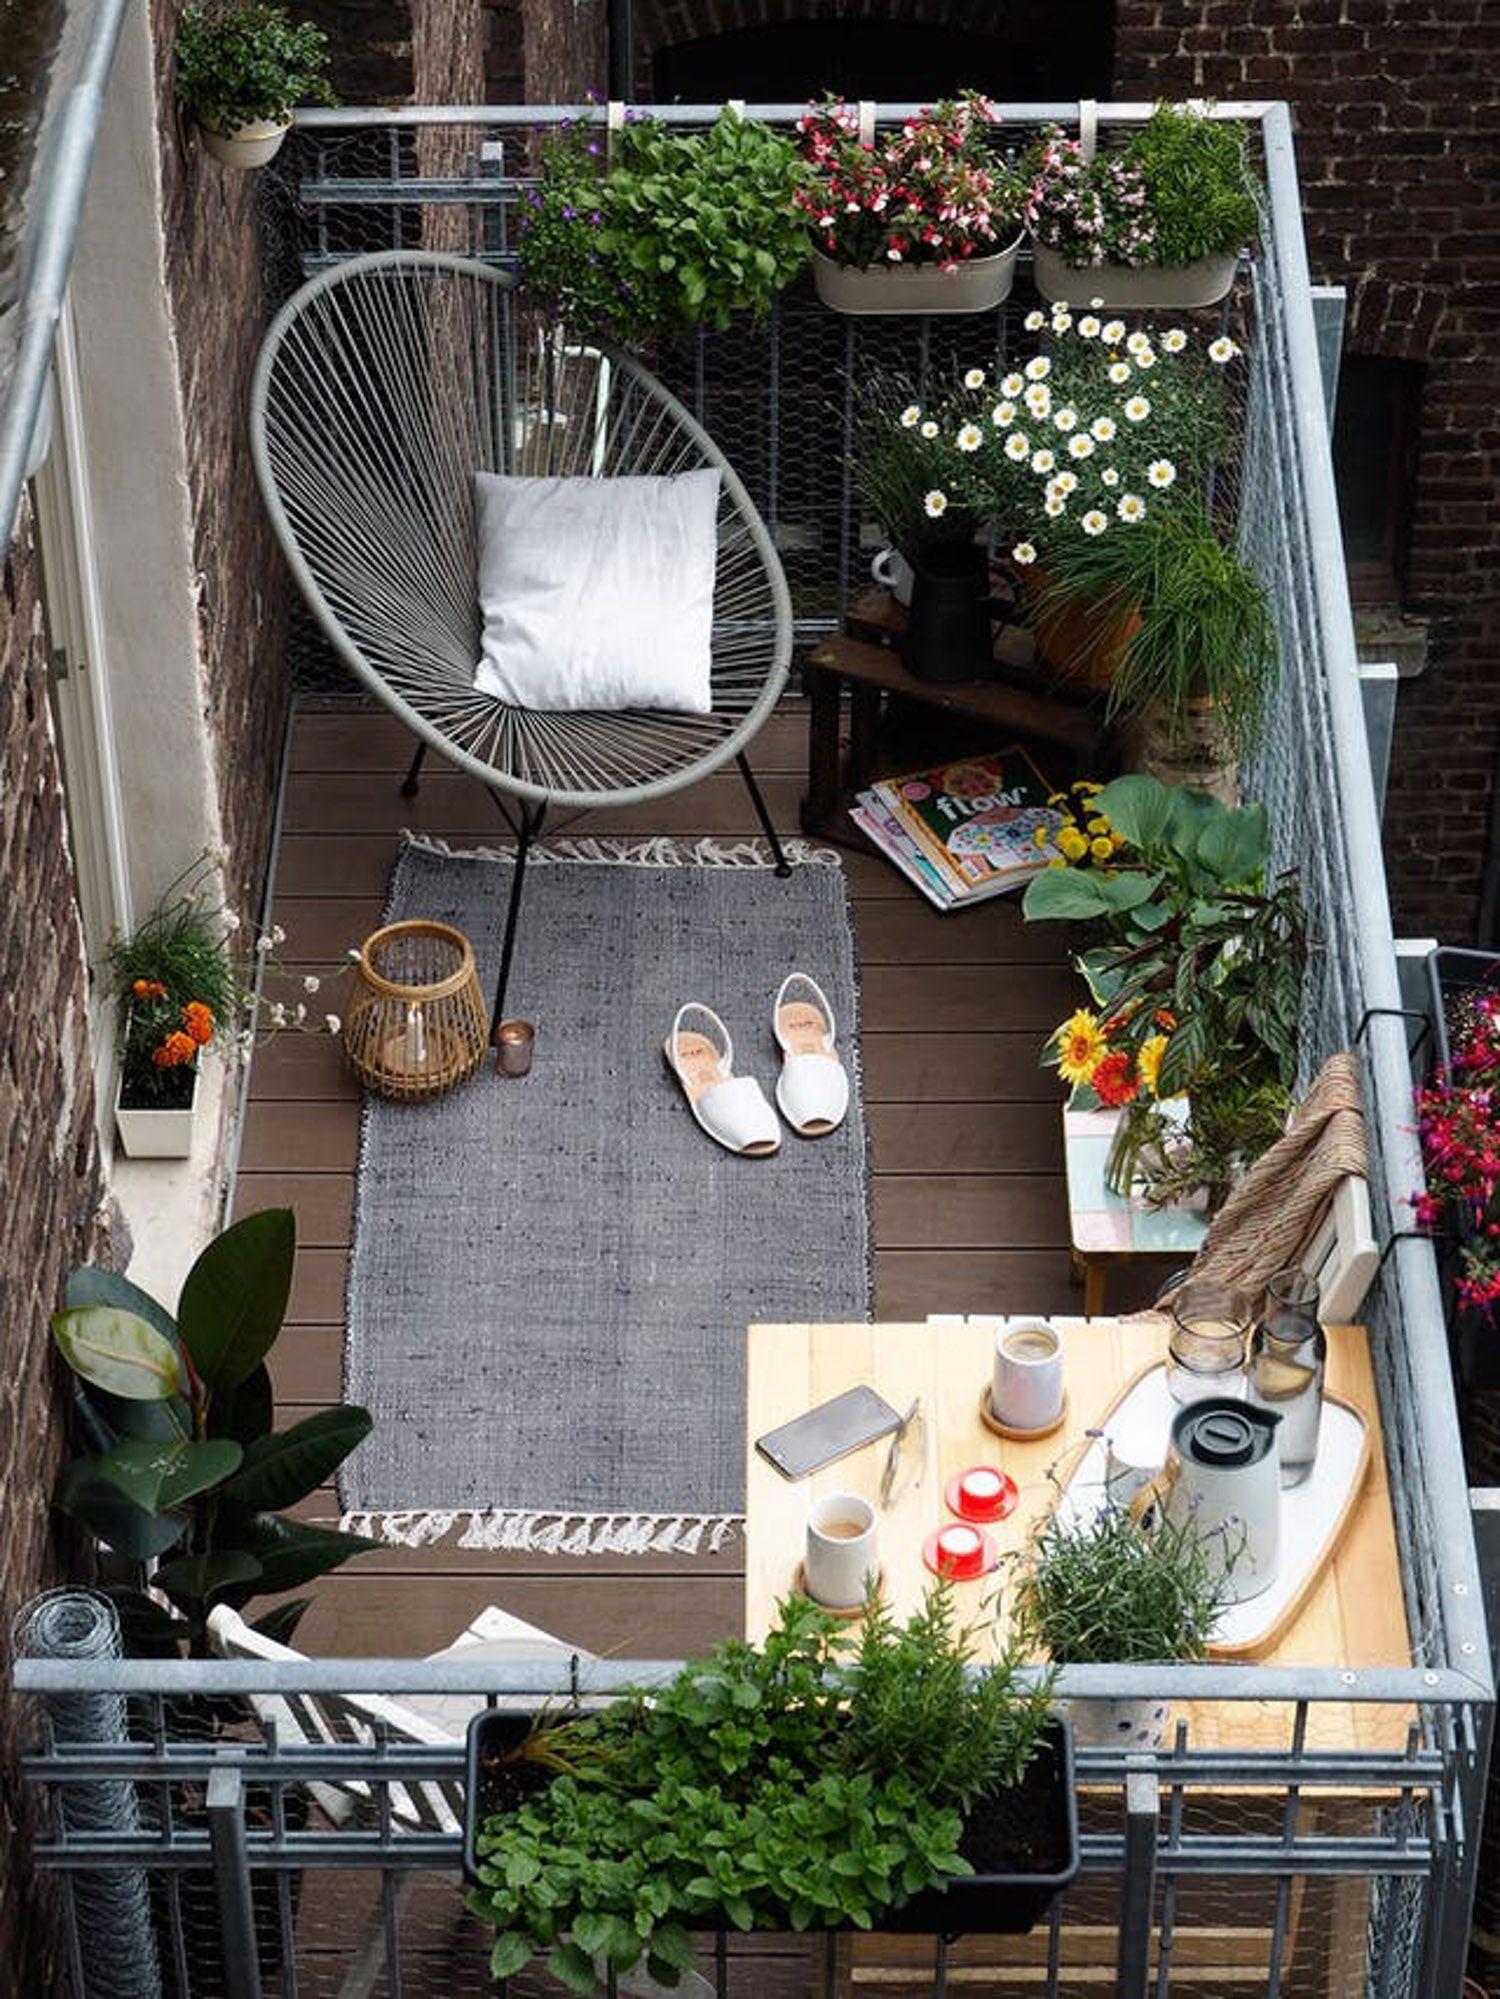 Apartment Balcony Garden Decor